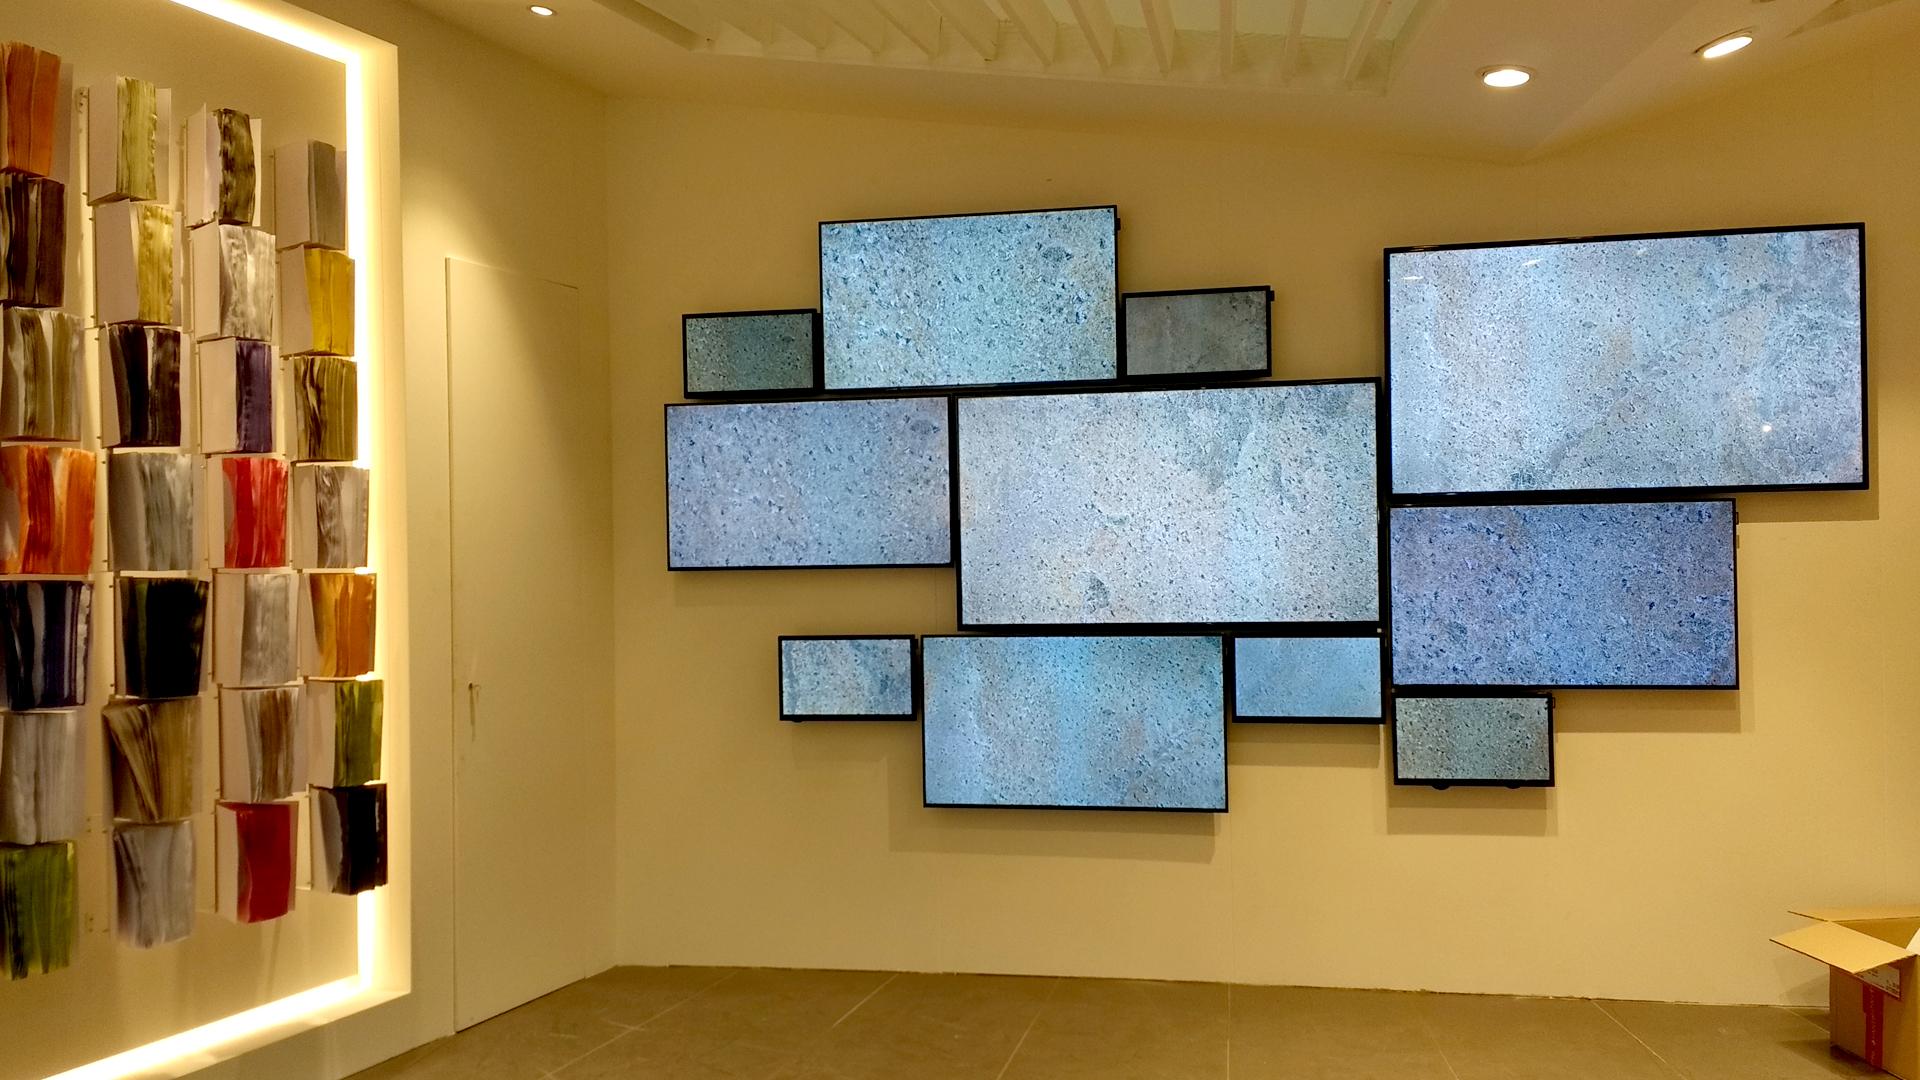 Tosilab Cersaie- installazione multi monitor-lorri